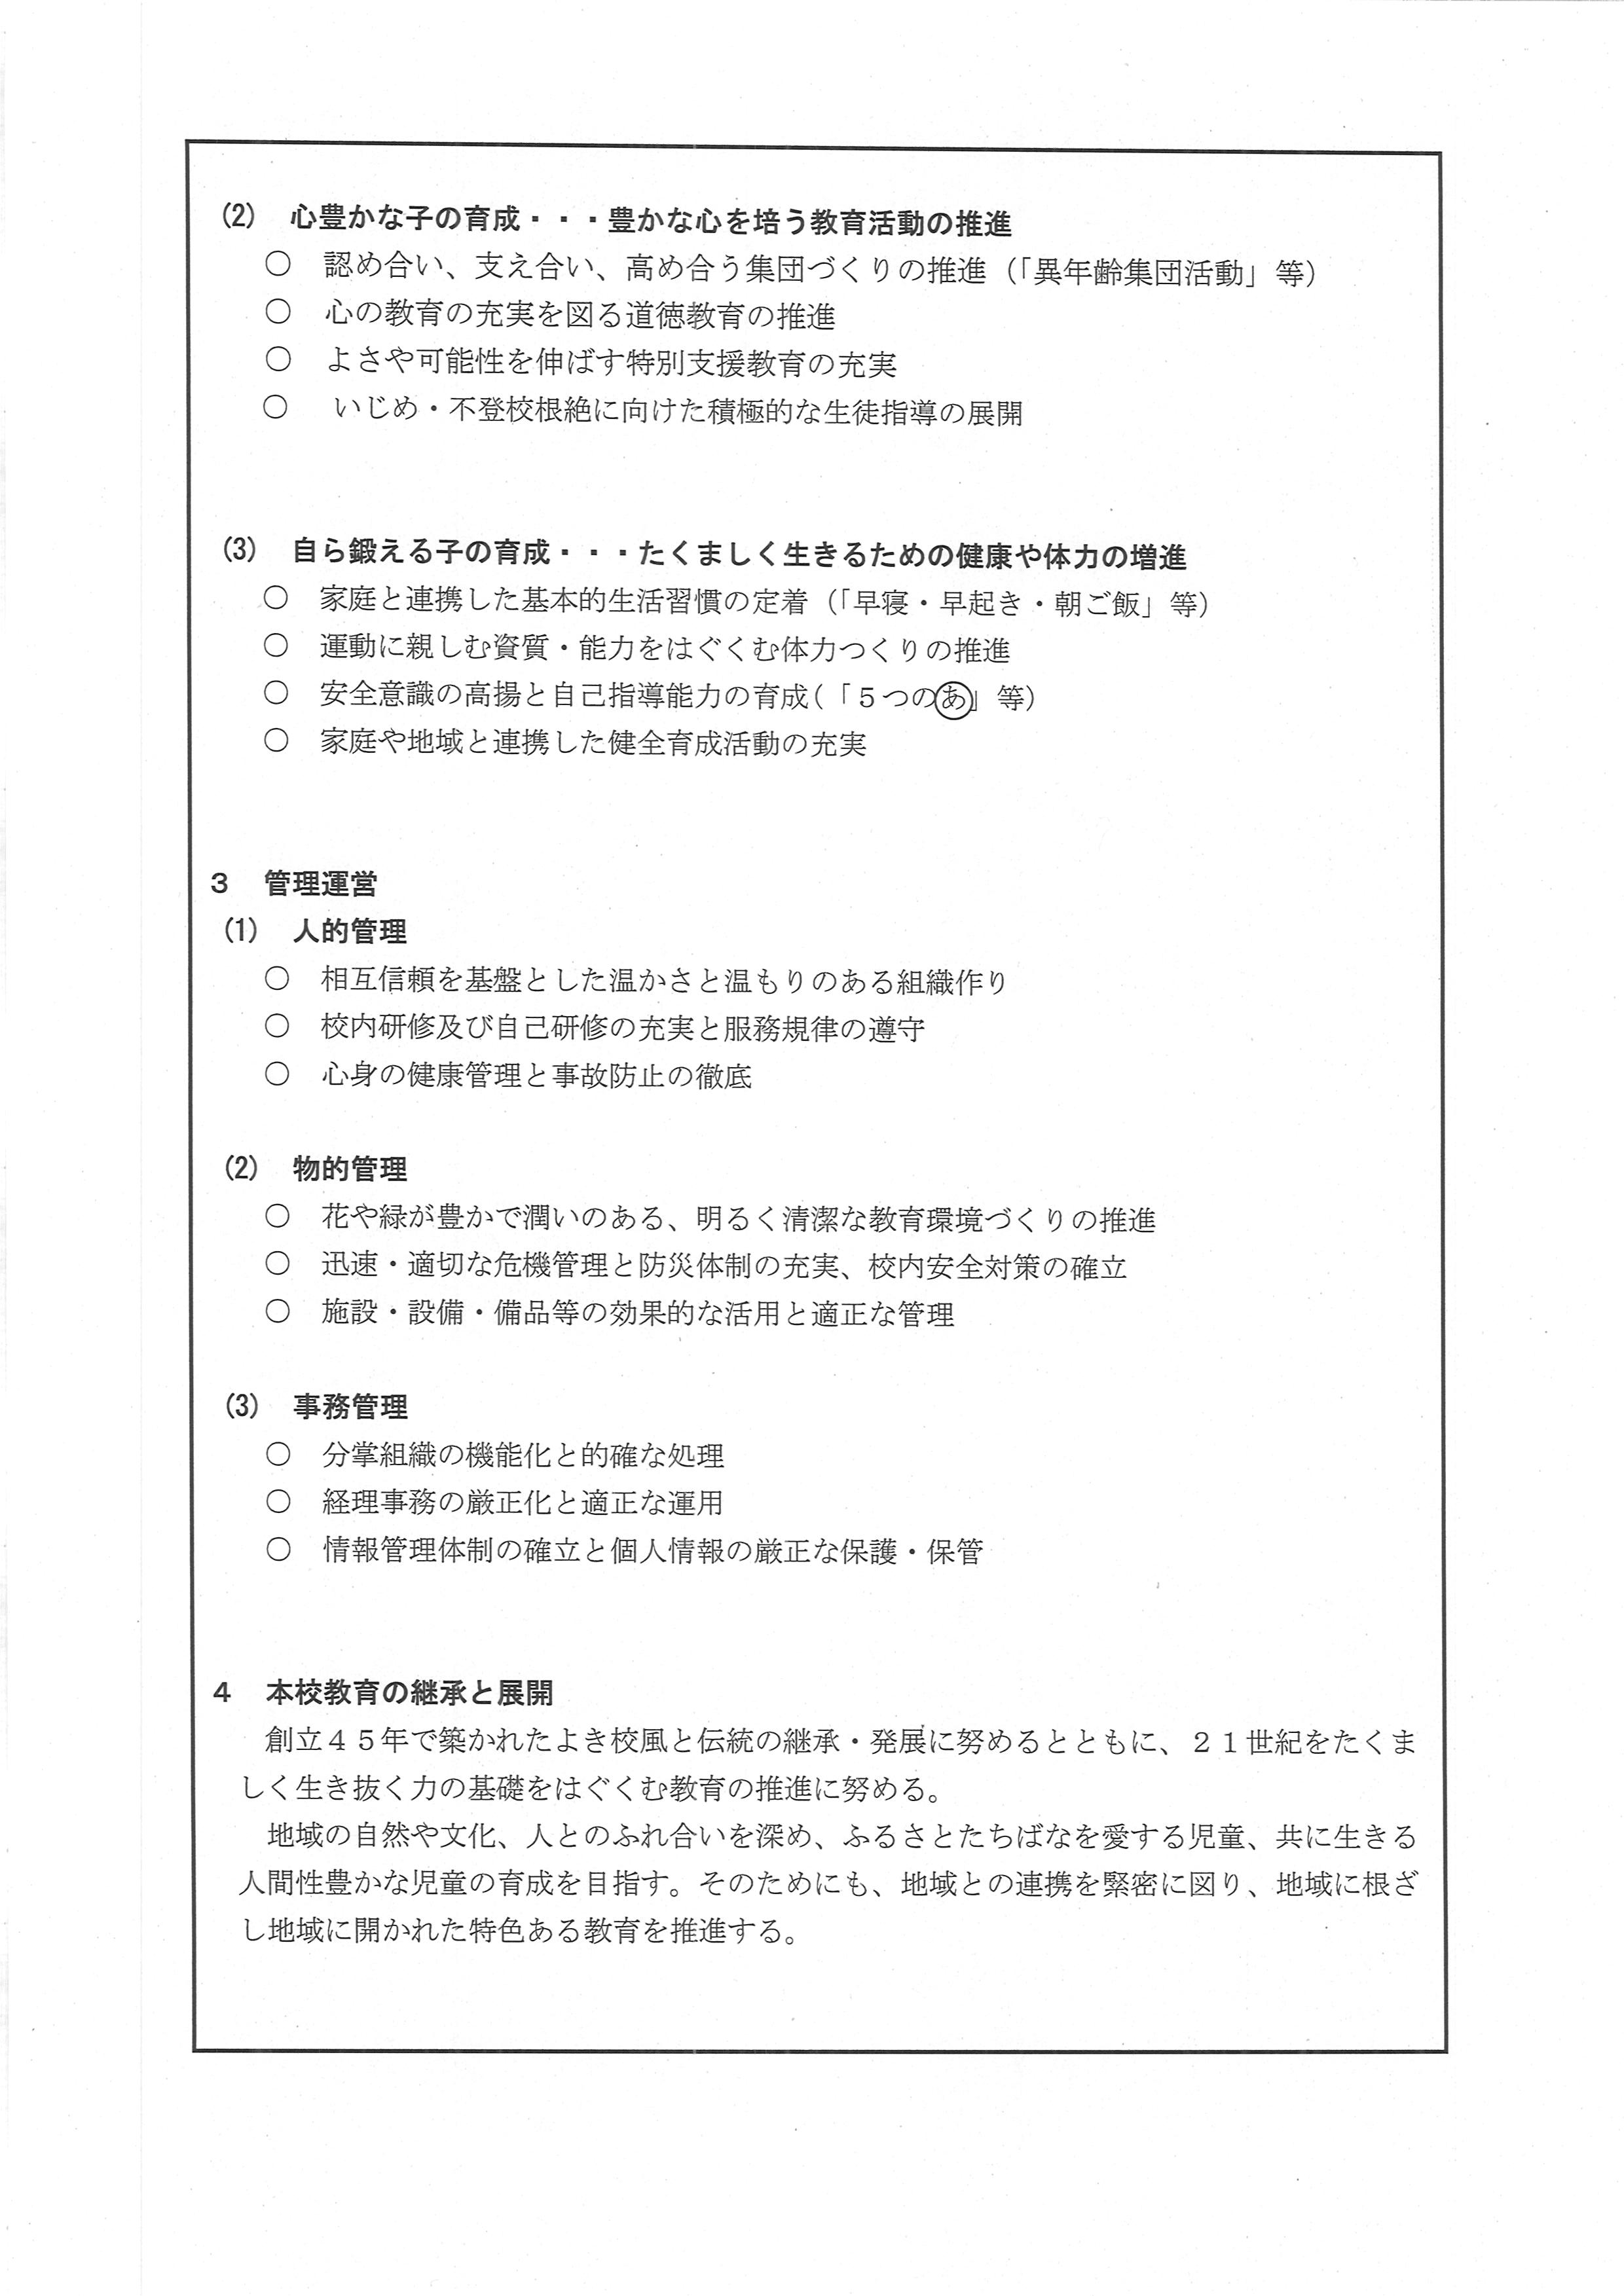 教育計画2